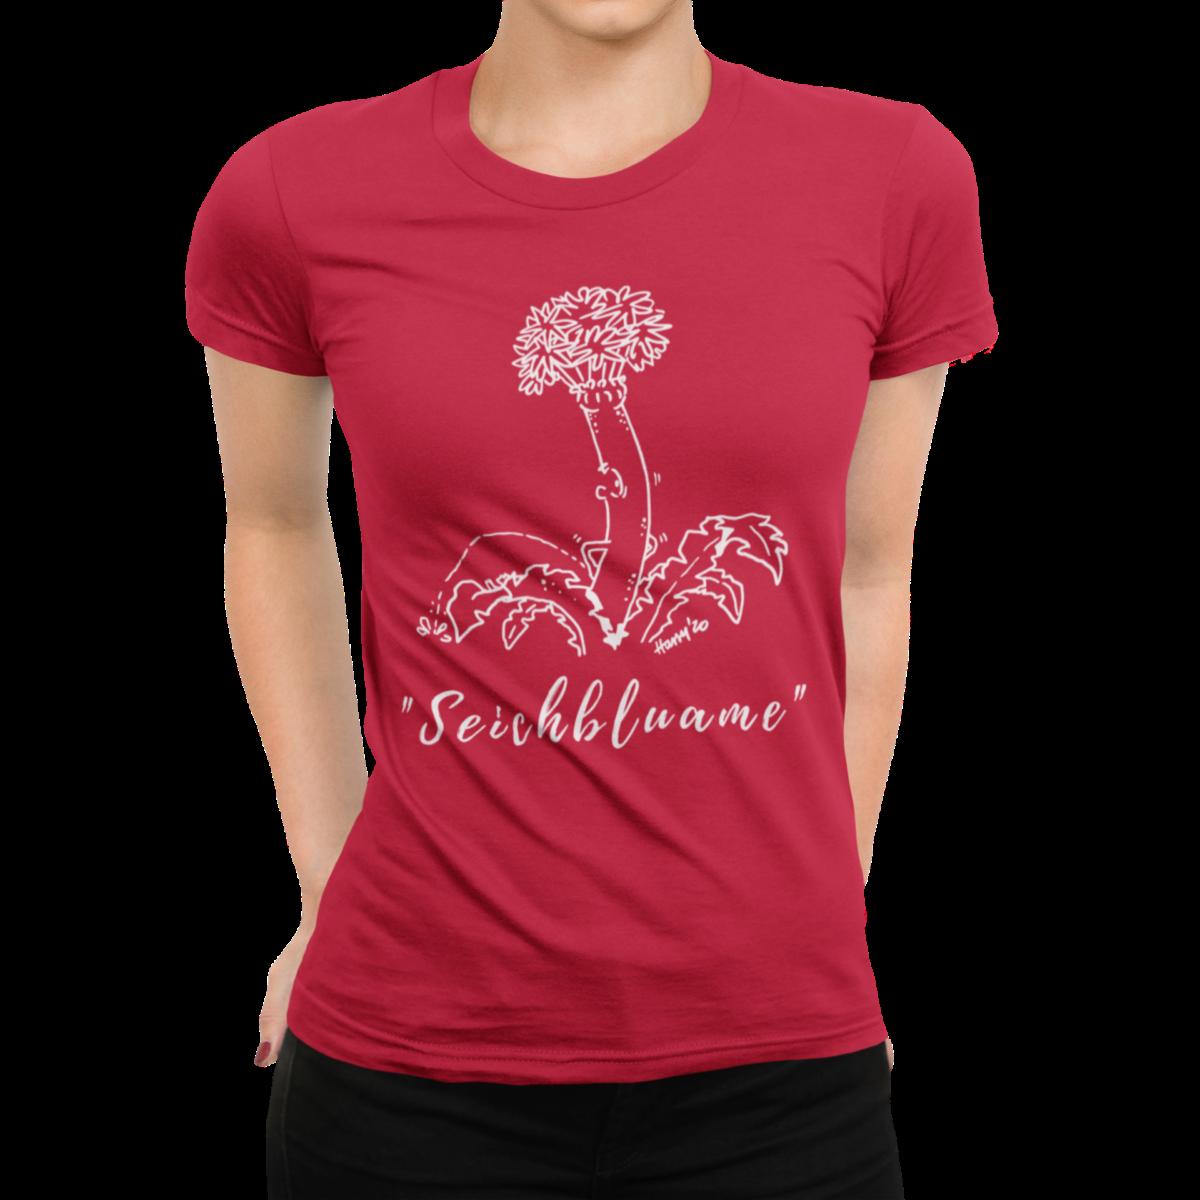 schwarzwald frauen t-shirt - schwarzwald-seichbluame